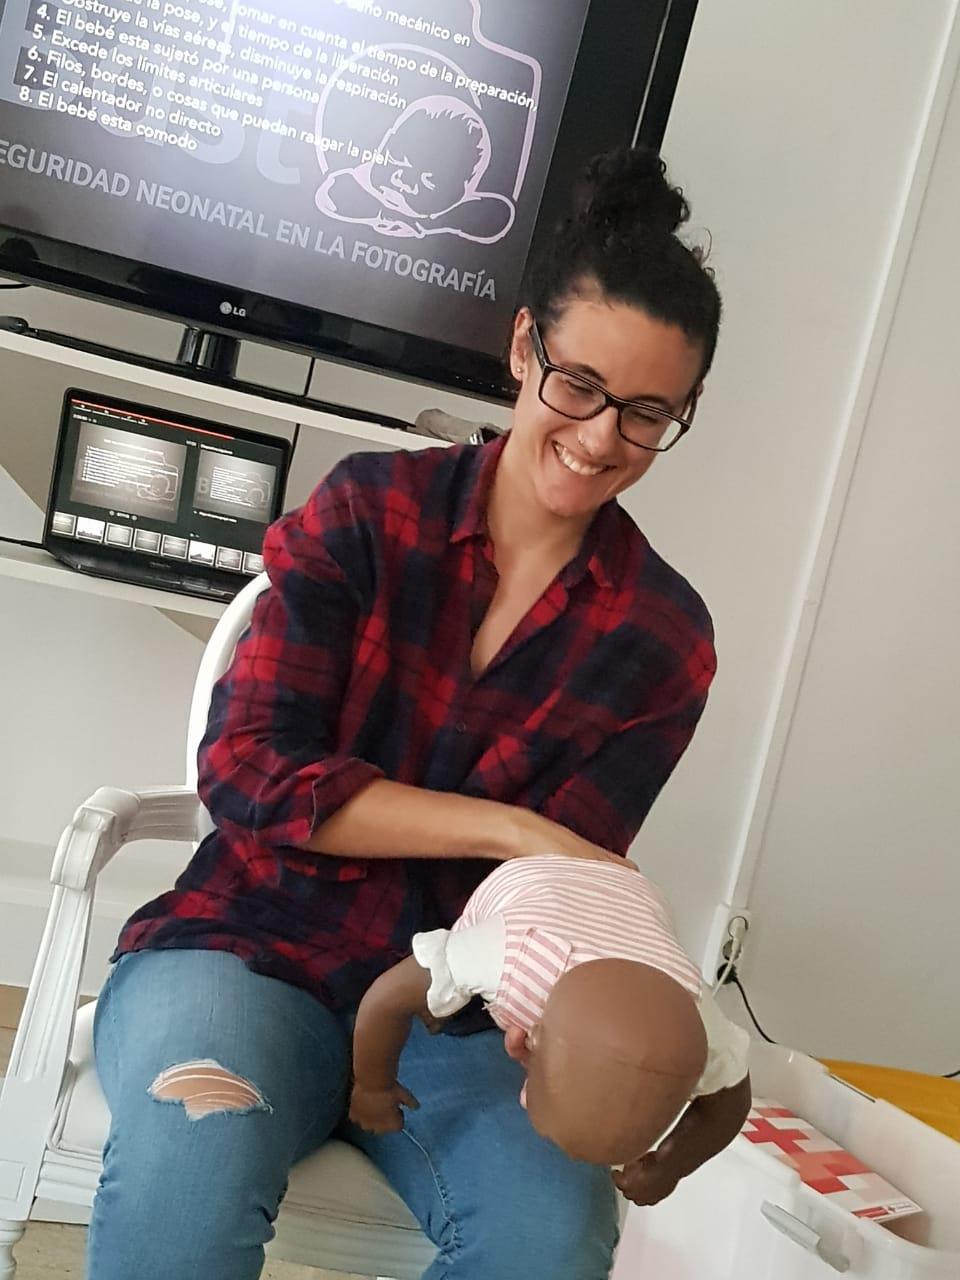 taller seguridad neonatal